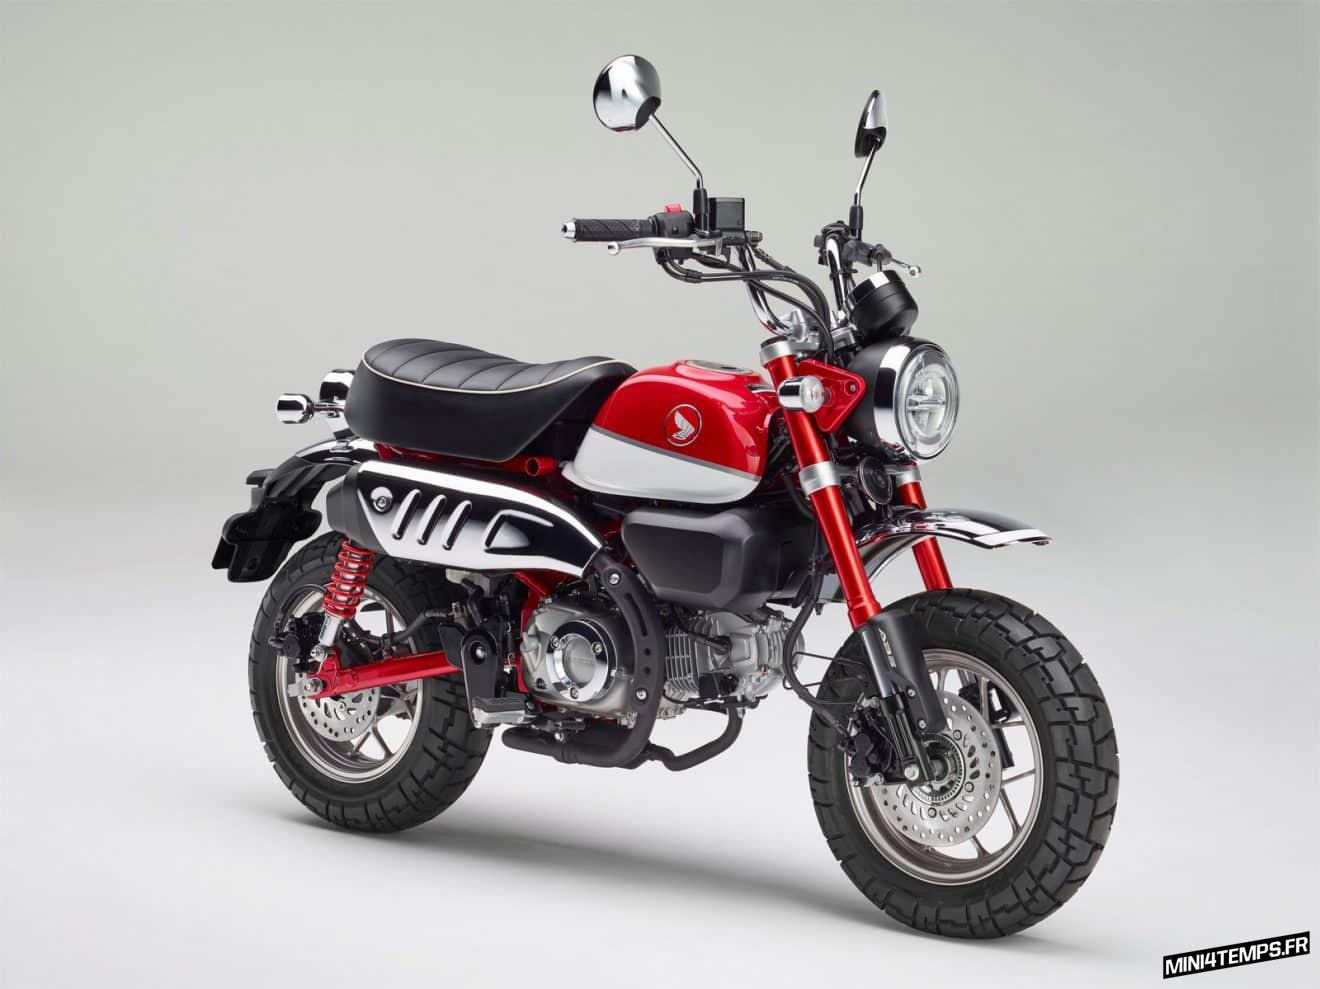 Honda Monkey 125 2018 rouge - mini4temps.fr